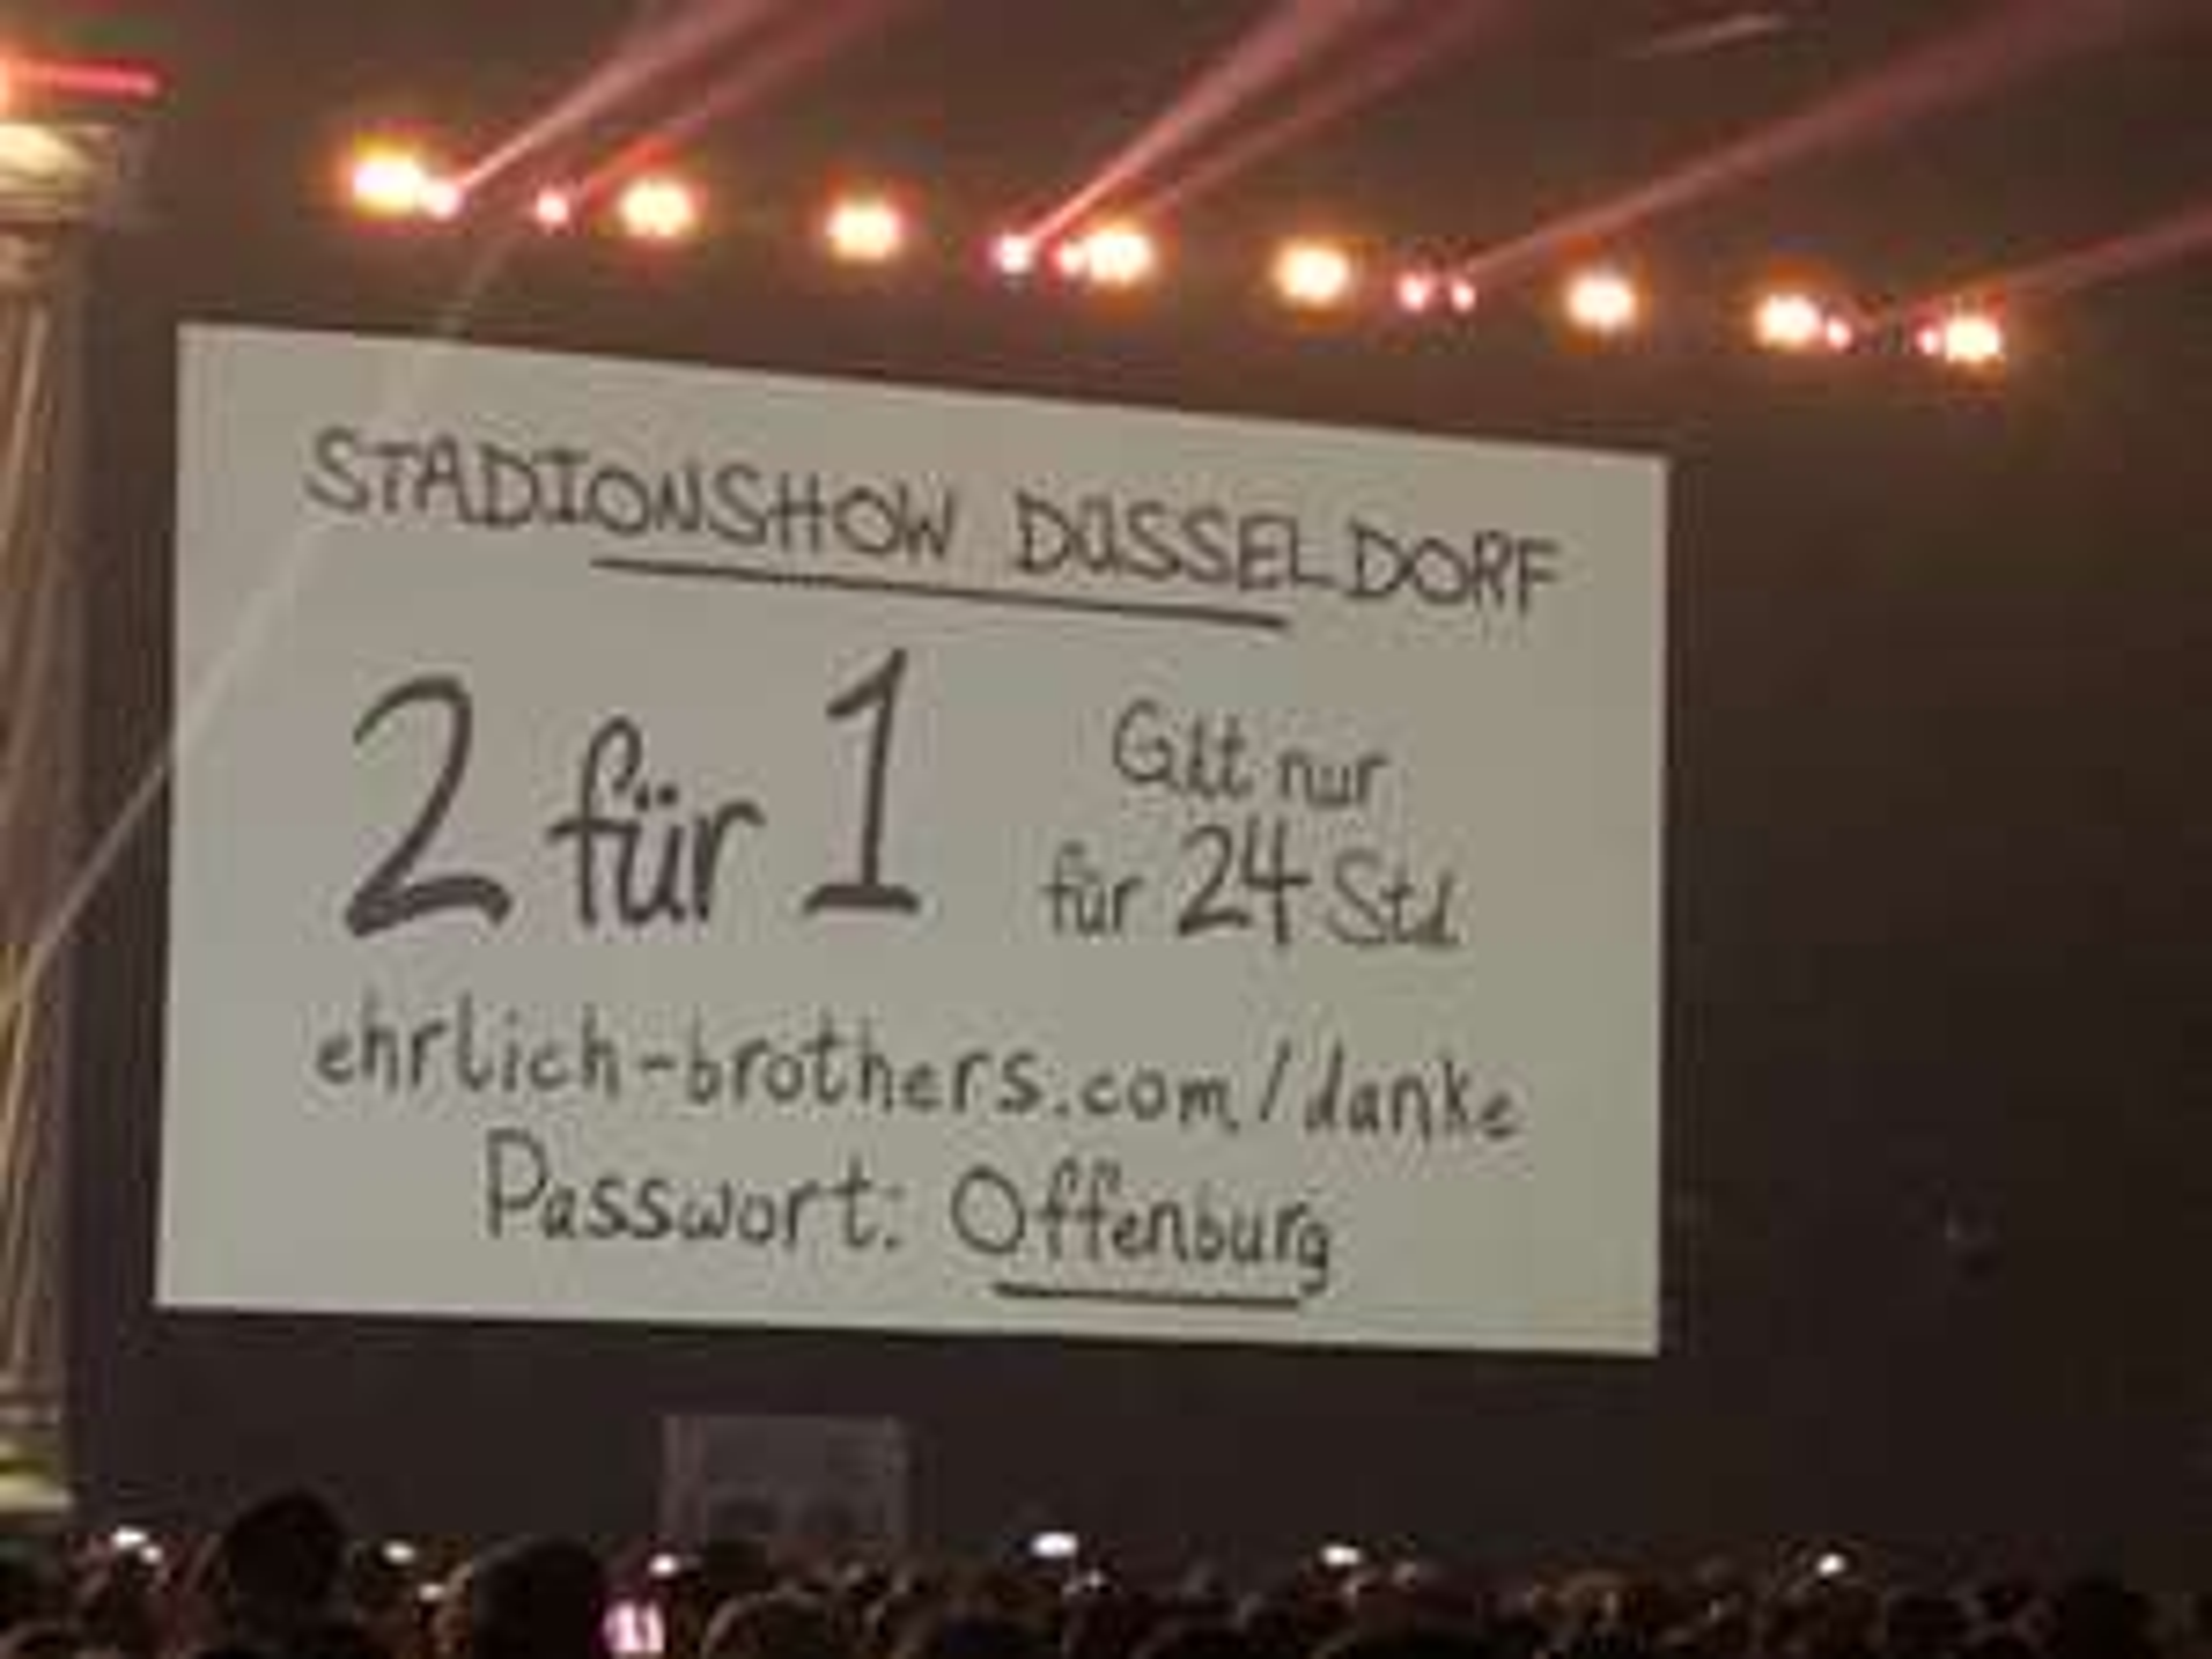 2 für 1 Ticket Stadionshow der Ehrlich Brothers in Düsseldorf am 15.06.2019